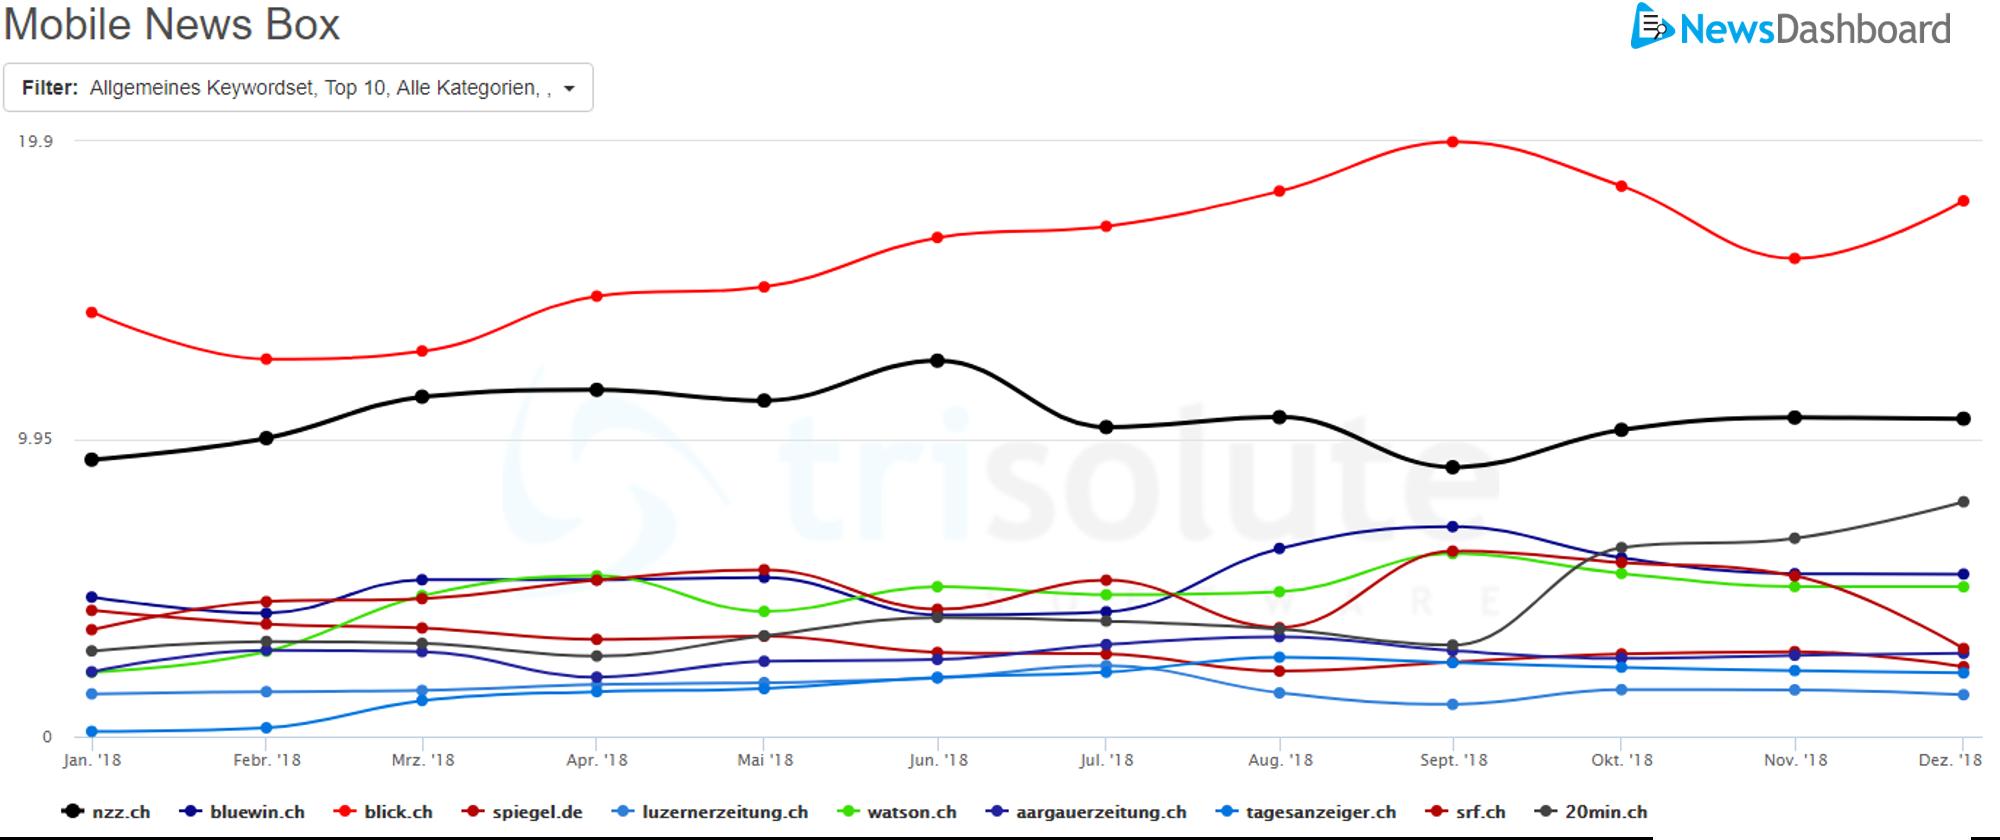 Blick.ch hat sich in der mobile News Box in der Schweiz im Verlauf von 2018 deutlich abgesetzt.